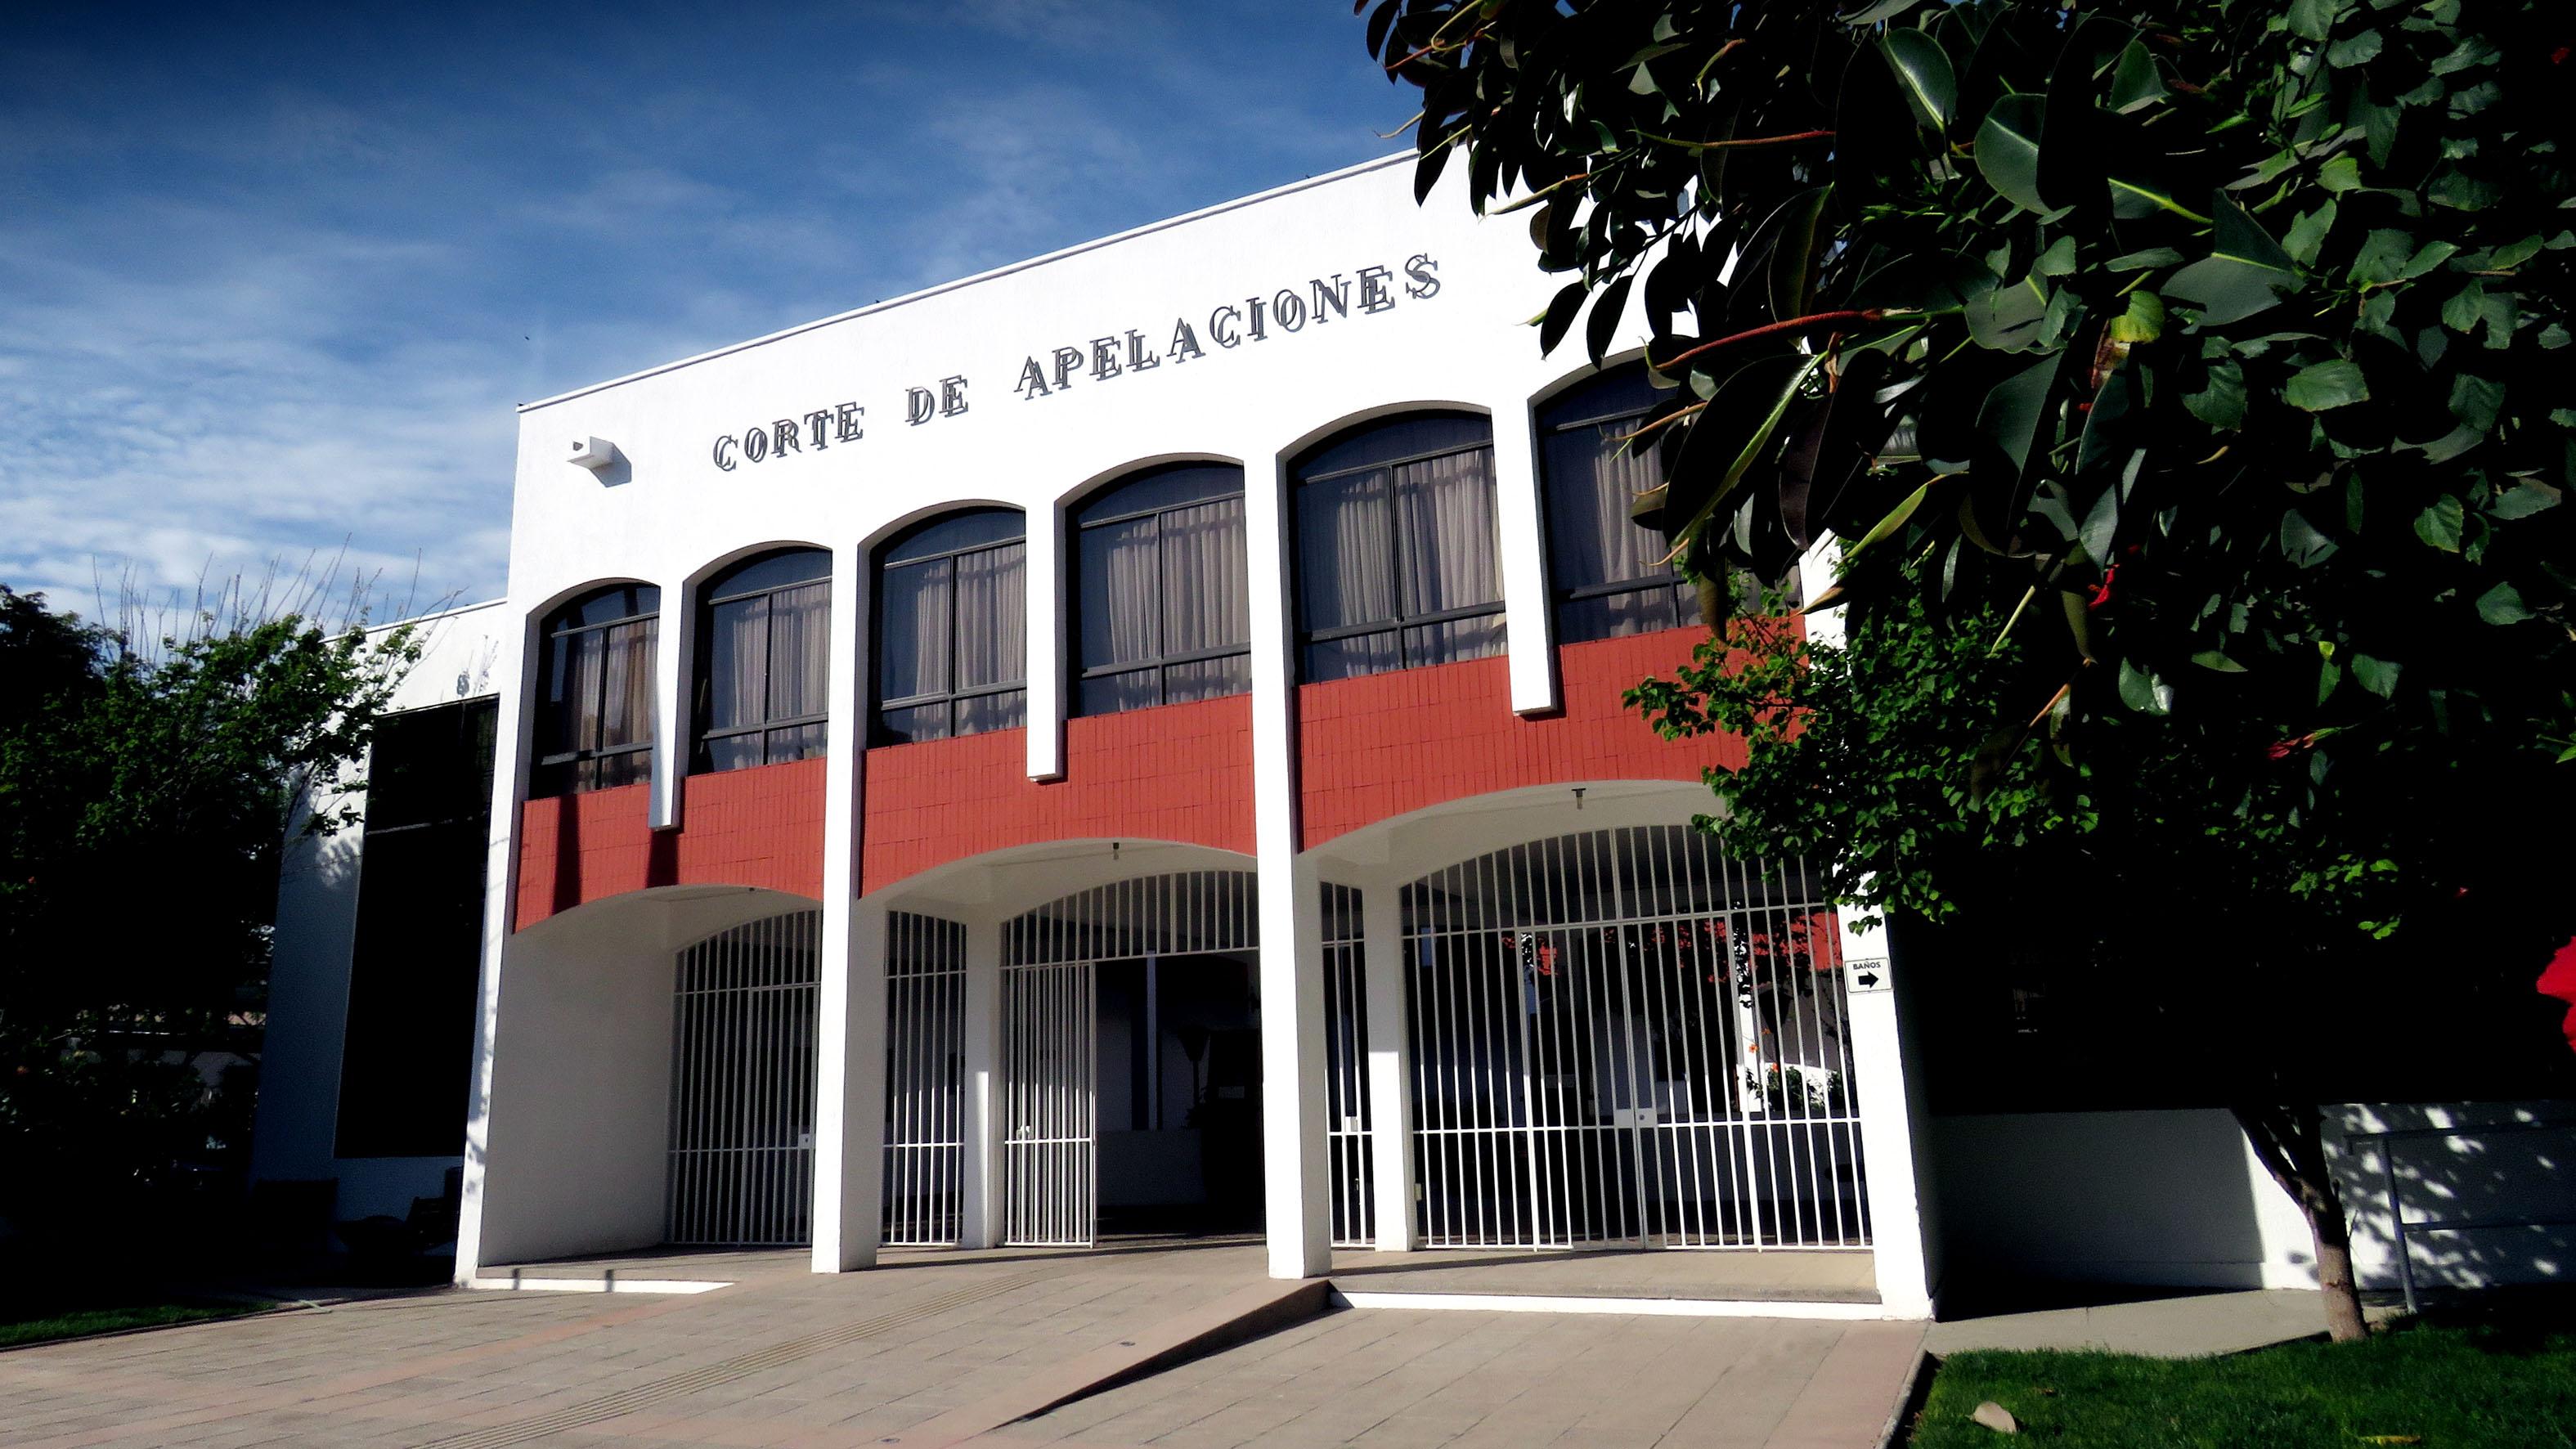 Condenan a sujeto a penas efectivas a autor de robo con intimidación y porte de arma blanca en Huasco